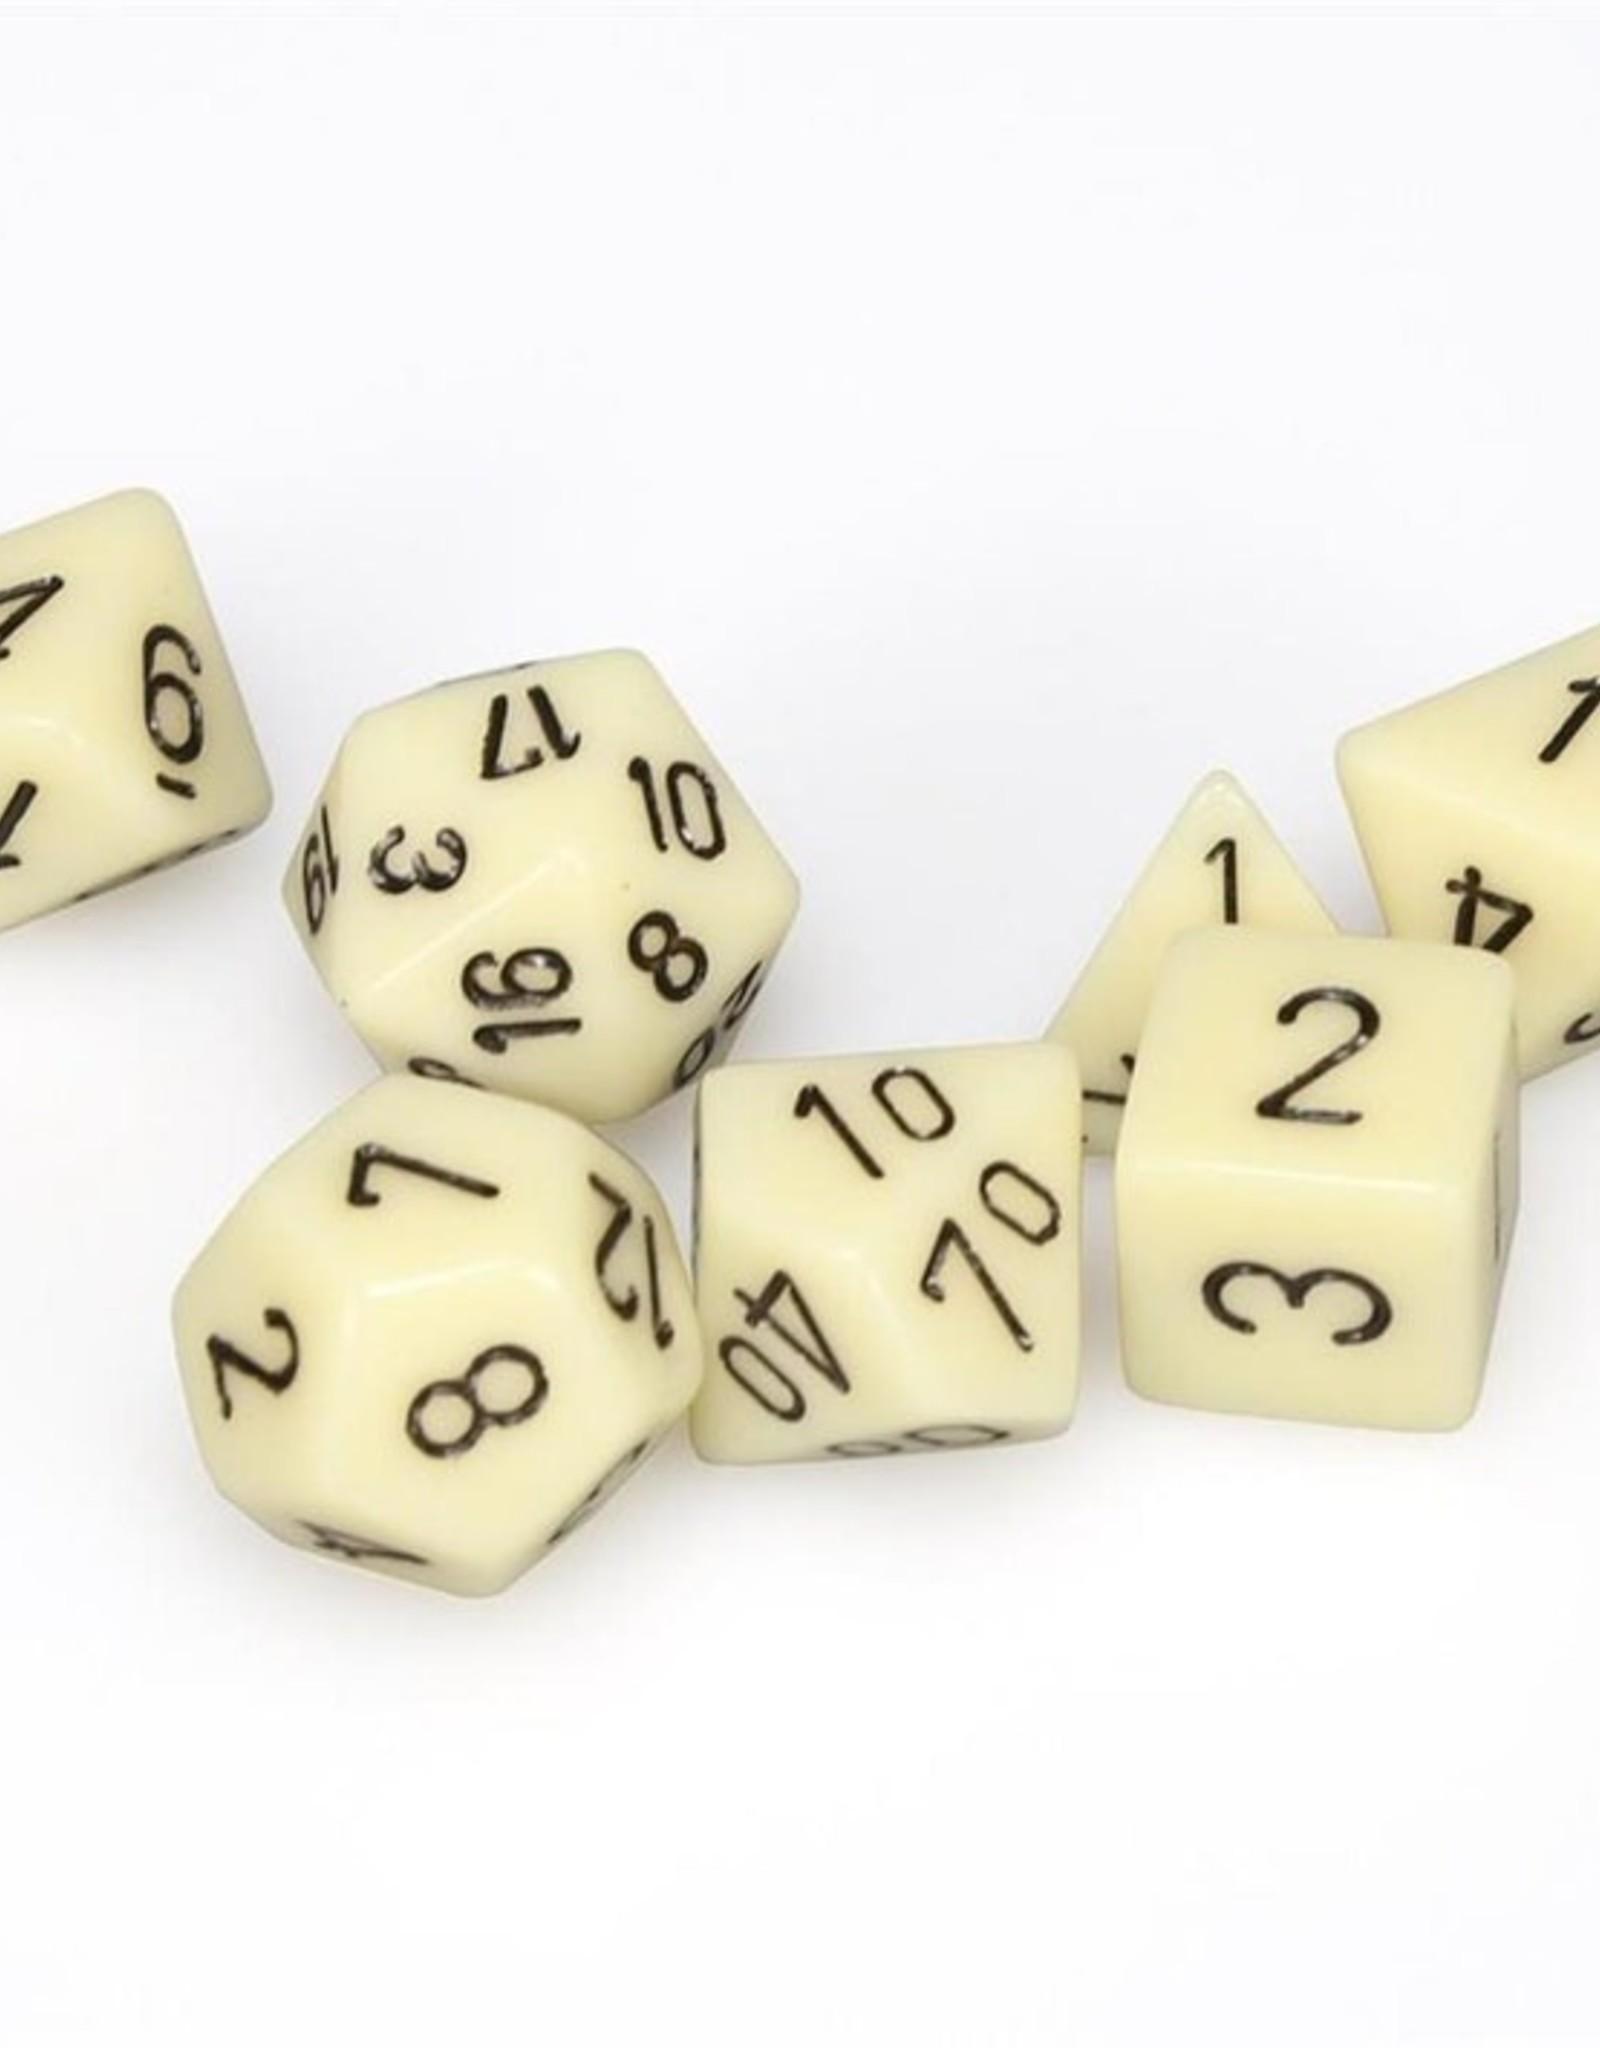 Chessex Chessex 7-Die set Opaque - Ivory-Black